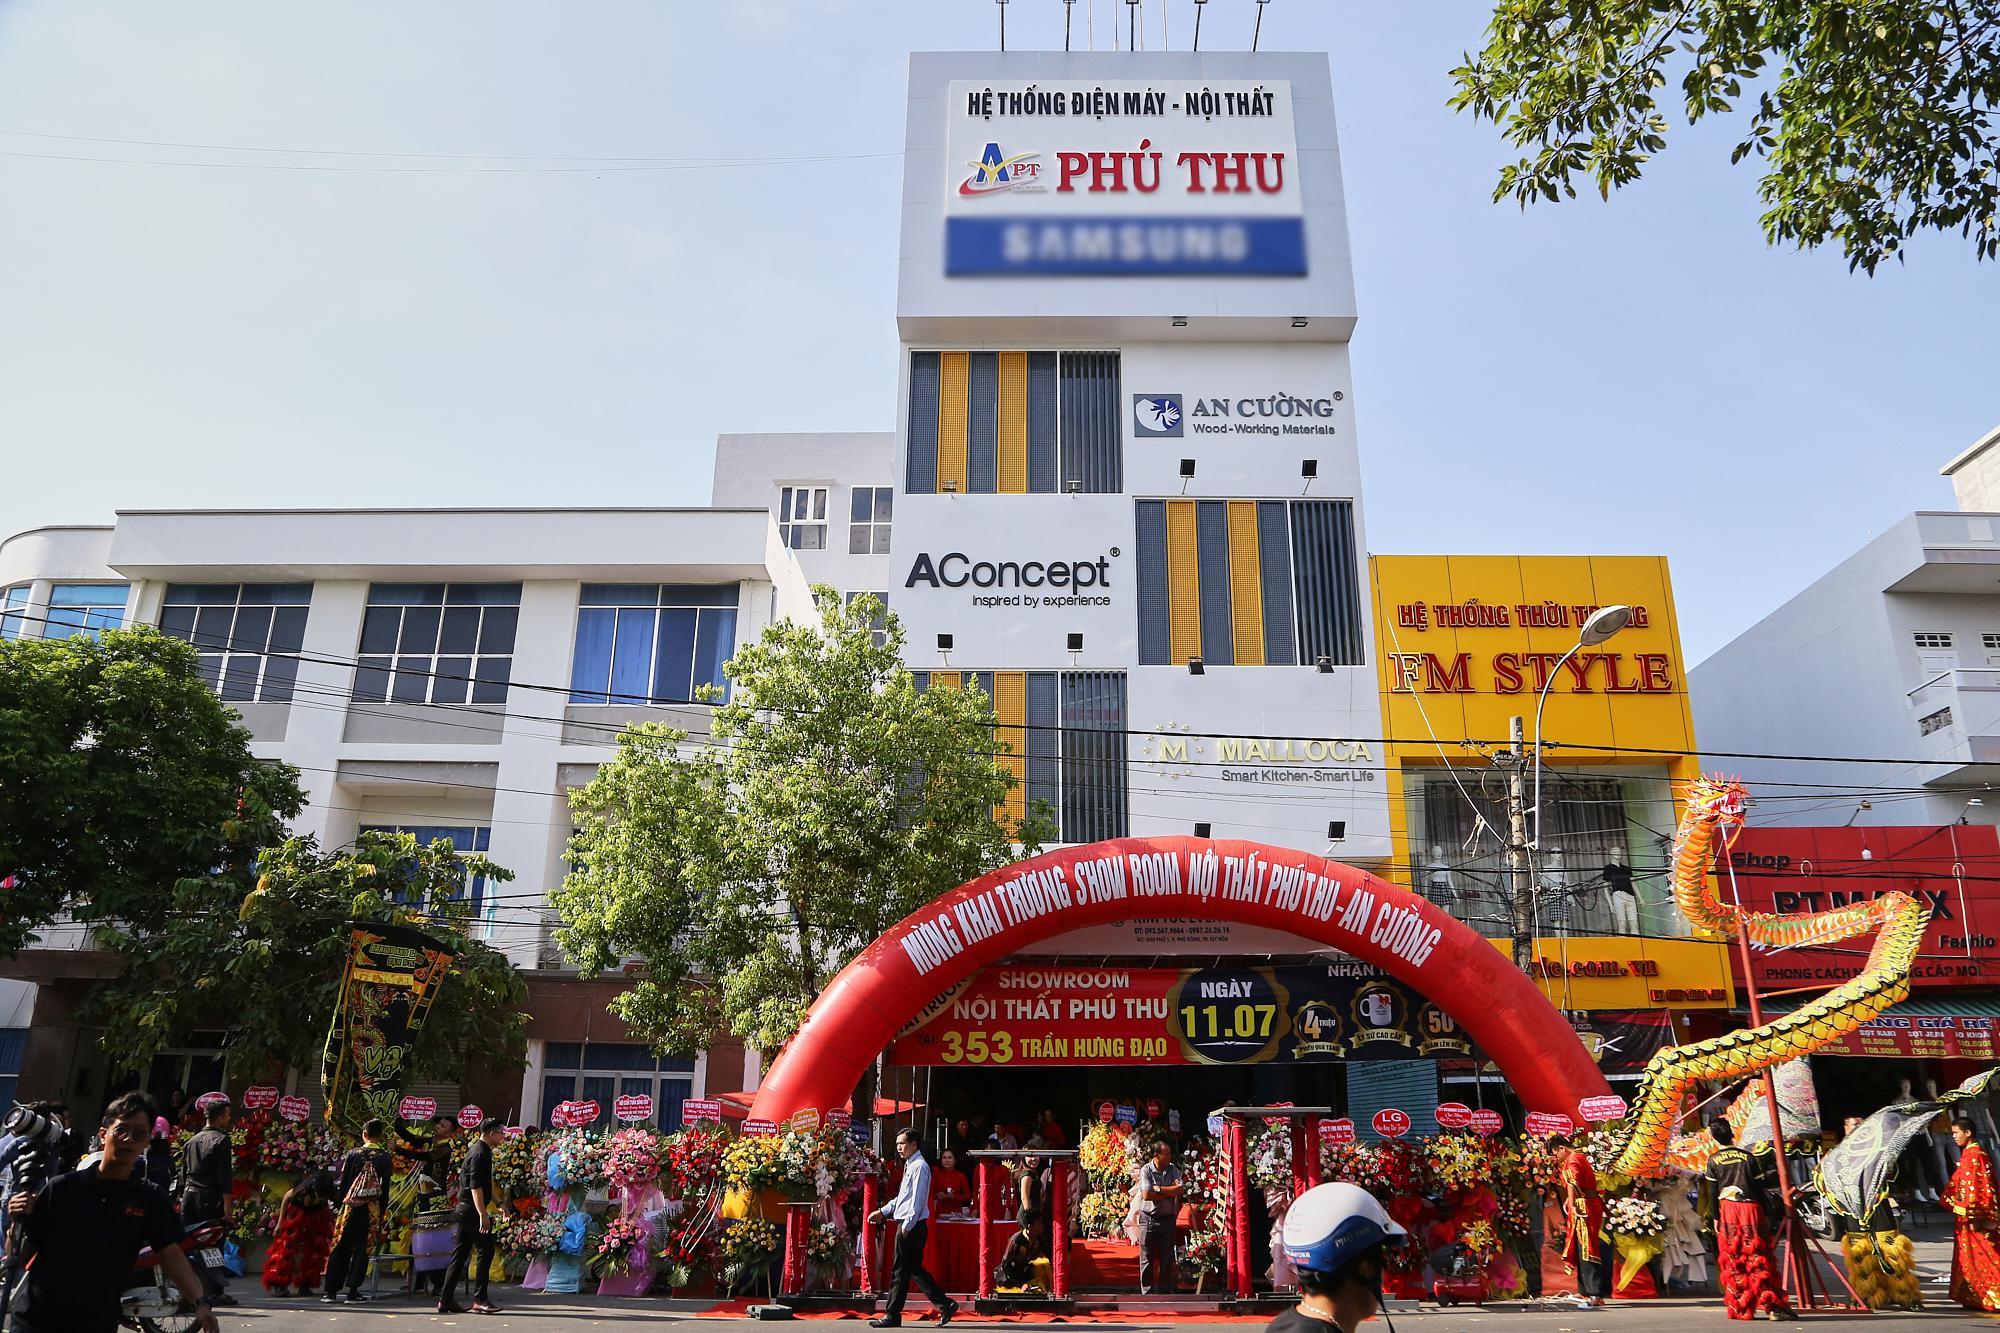 Franchise Phú Yên - 353 Trần Hưng Đạo, P4, Tuy Hòa